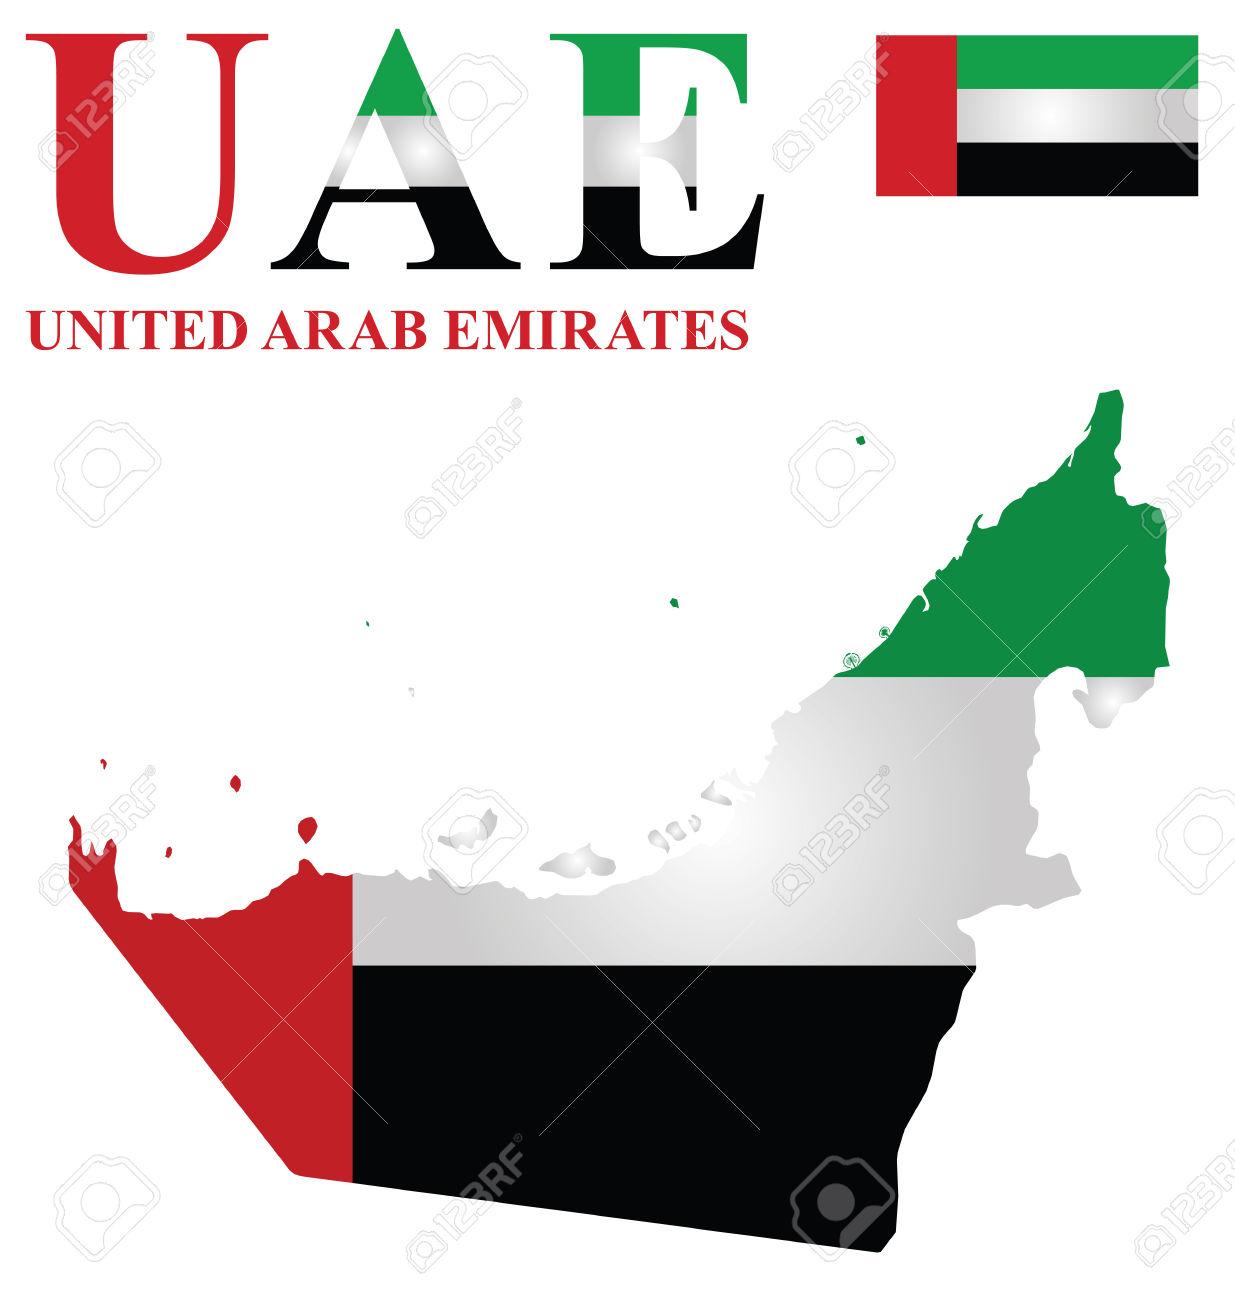 Arab clipart emirati #4